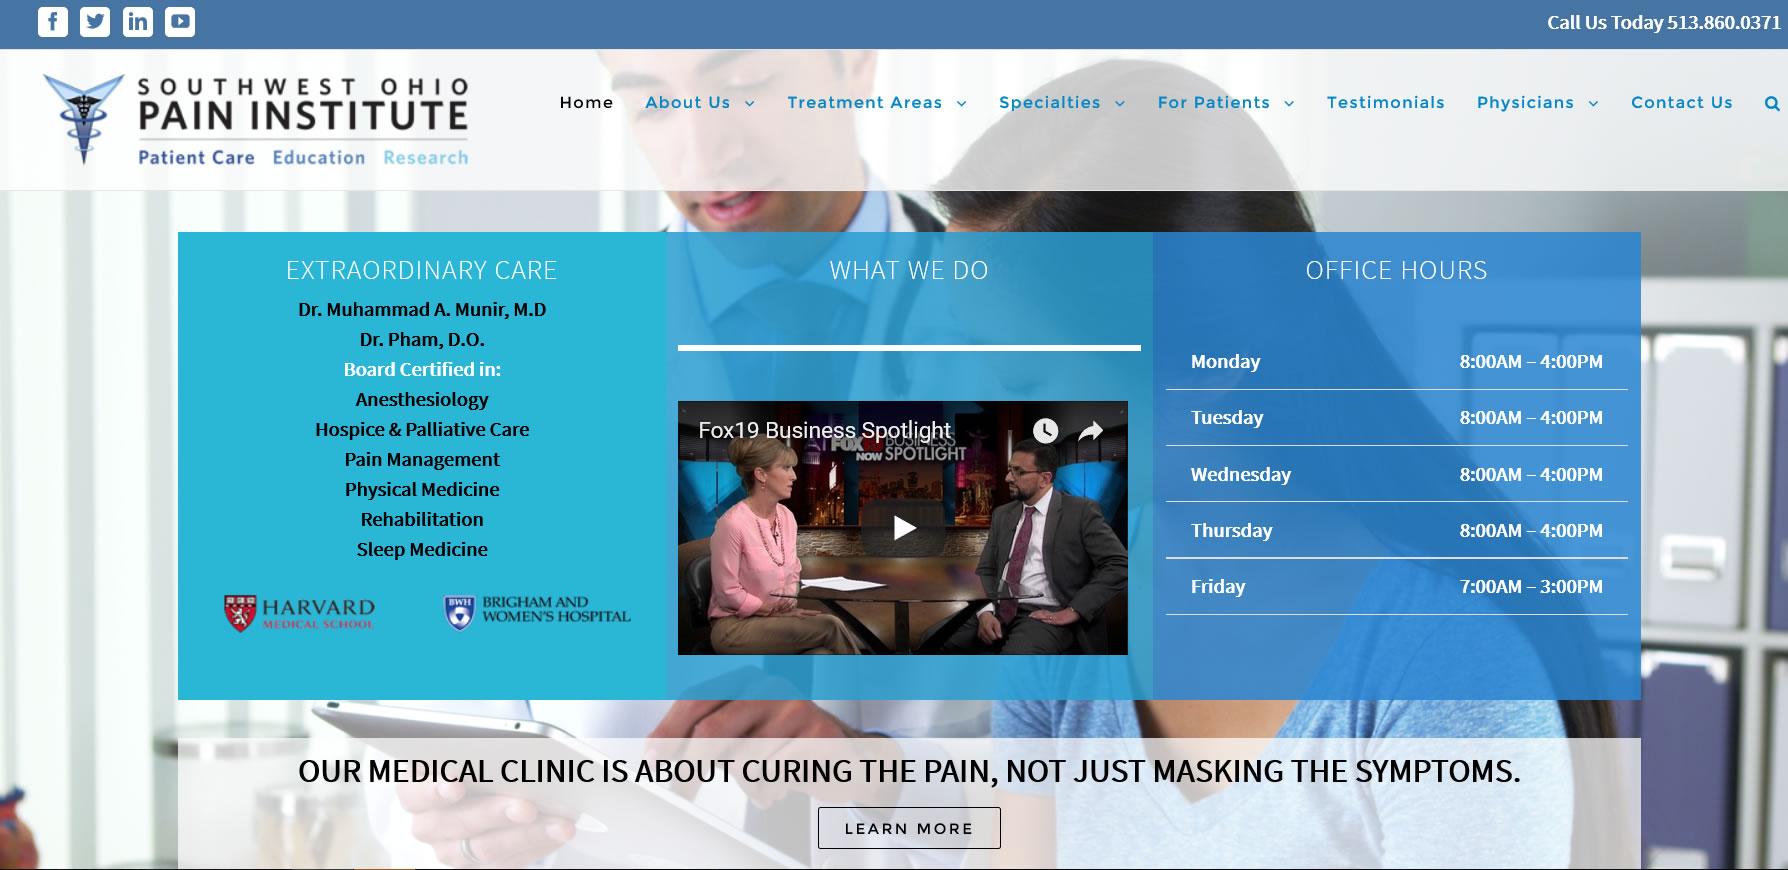 Southwest Ohio Pain Institute